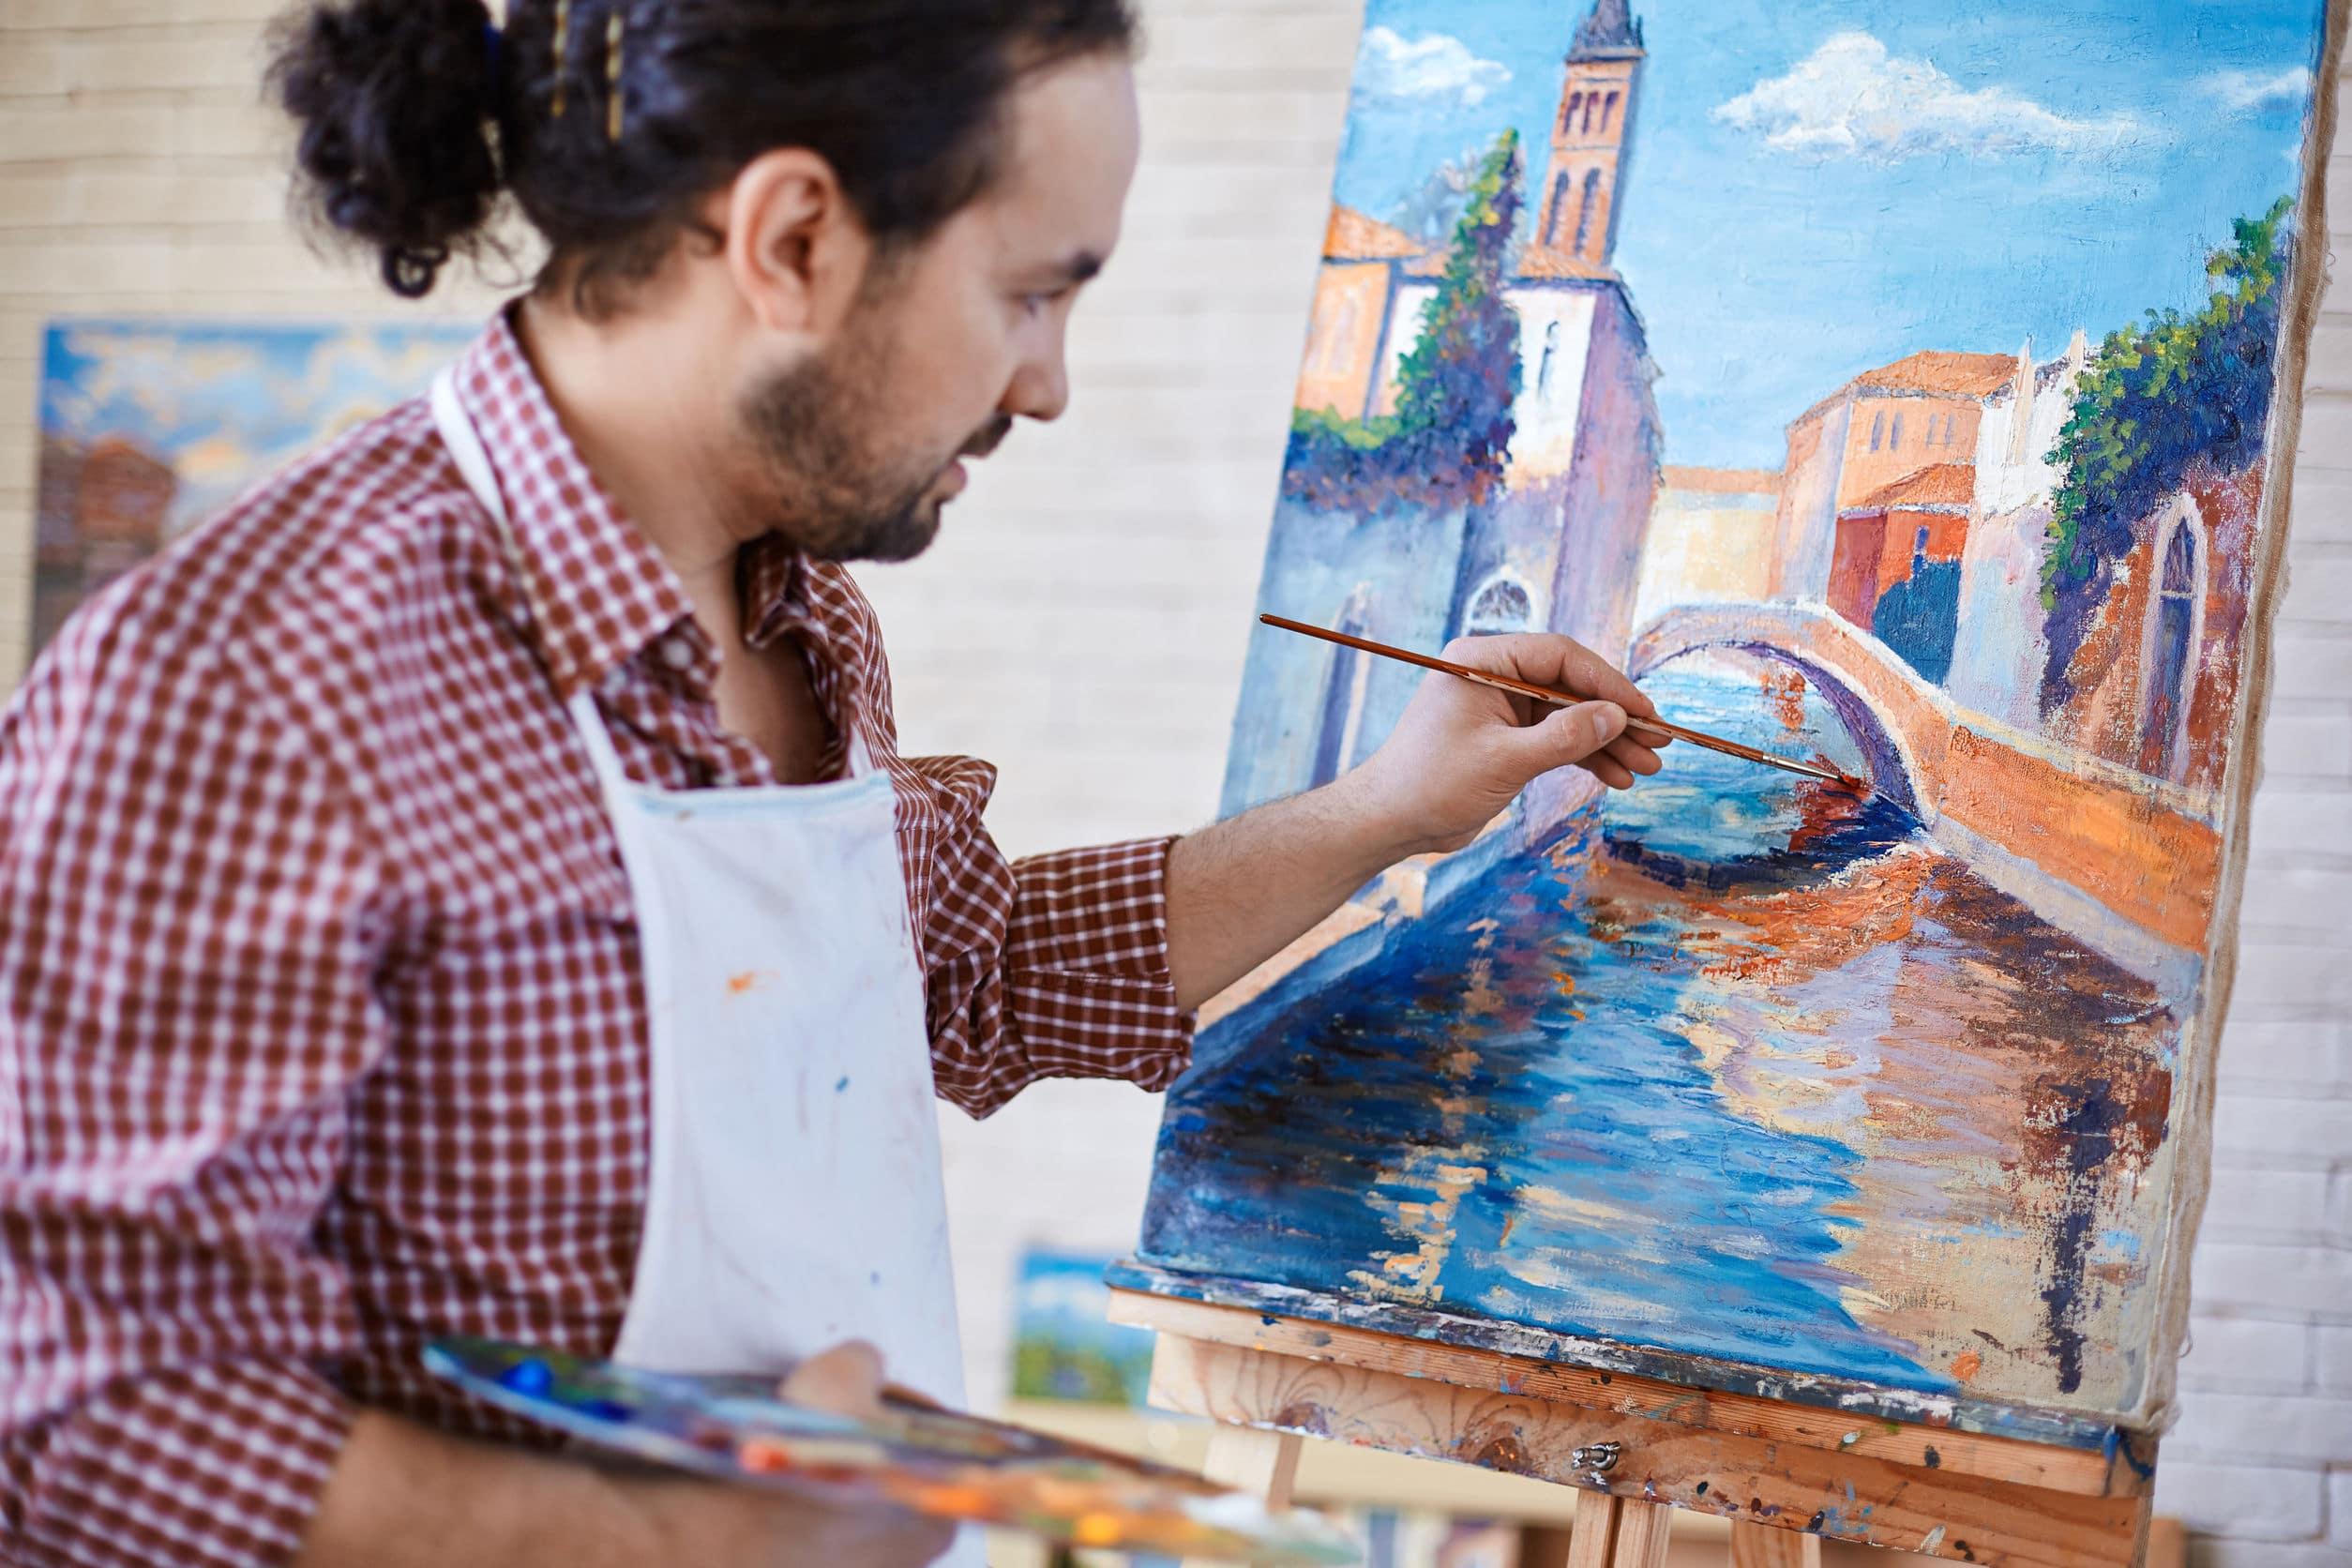 Homem pintando paisagem da itália em um estúdio. Ele usa uma camisa xadrez e tem o cabelo amarrado em um rabo de cavalo.